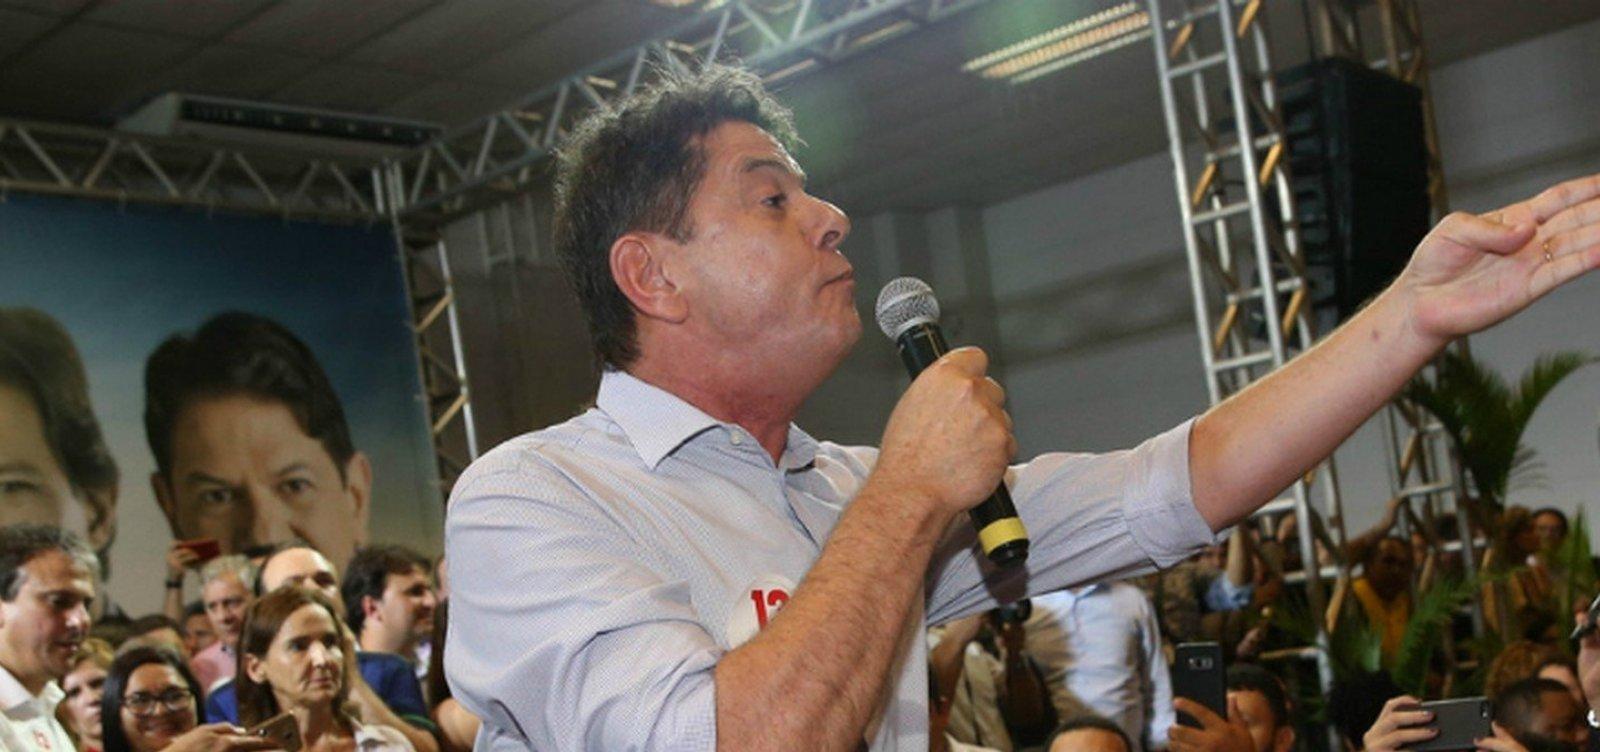 Em evento pró-Haddad, irmão de Ciro diz que PT vai perder eleição